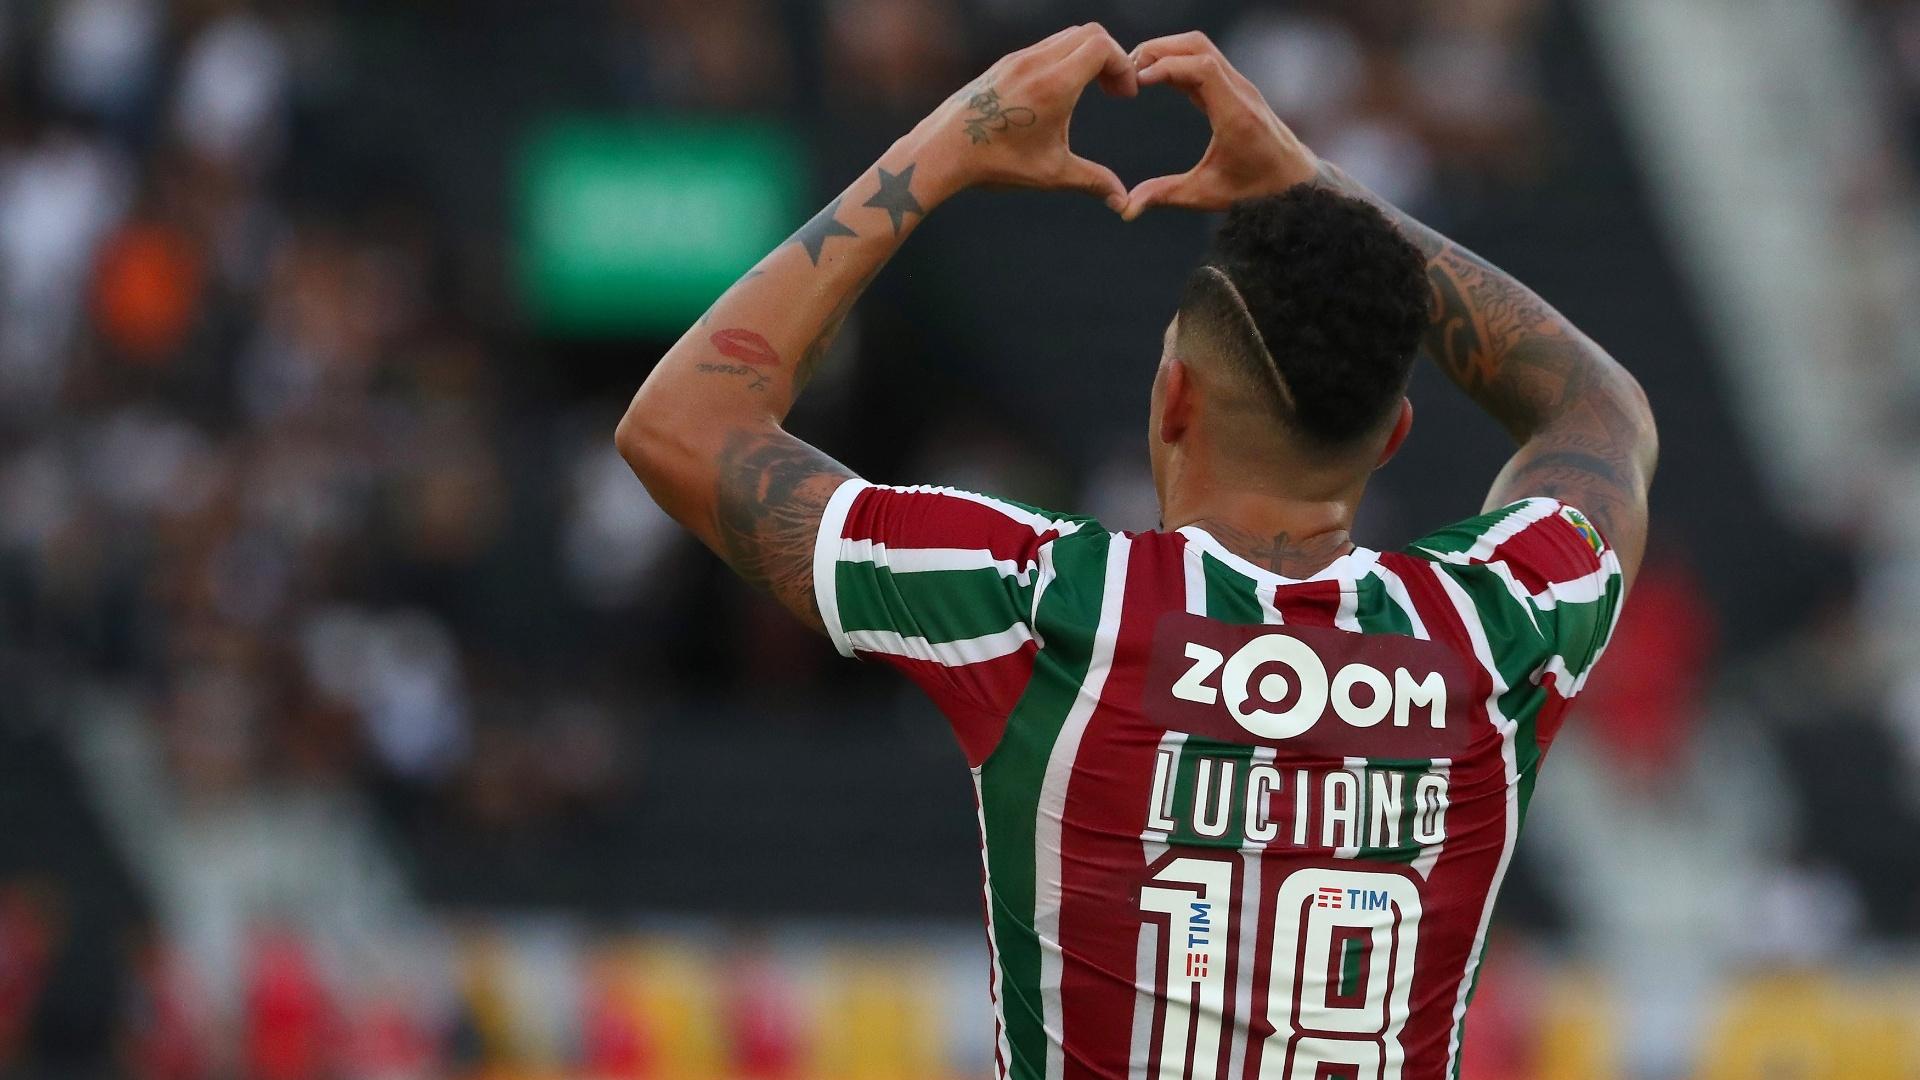 O atacante Luciano comemora gol do Fluminense diante do Atlético-MG 4433ee234a51e